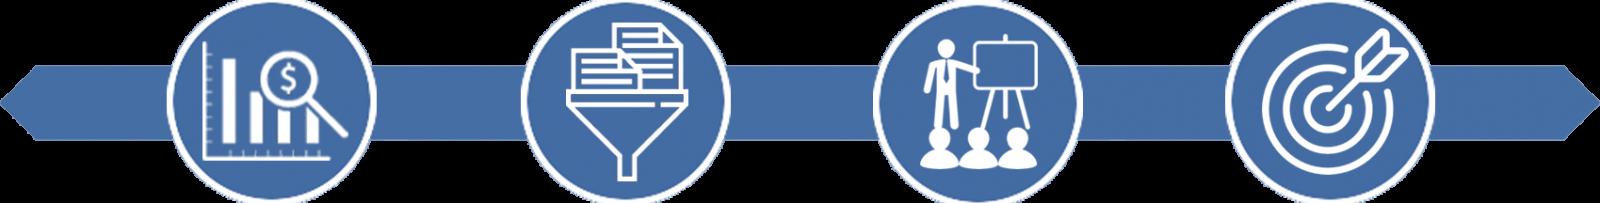 verkoopanalyse - verkoopprocesontwerp - verkooptraining - verkooptransformatie